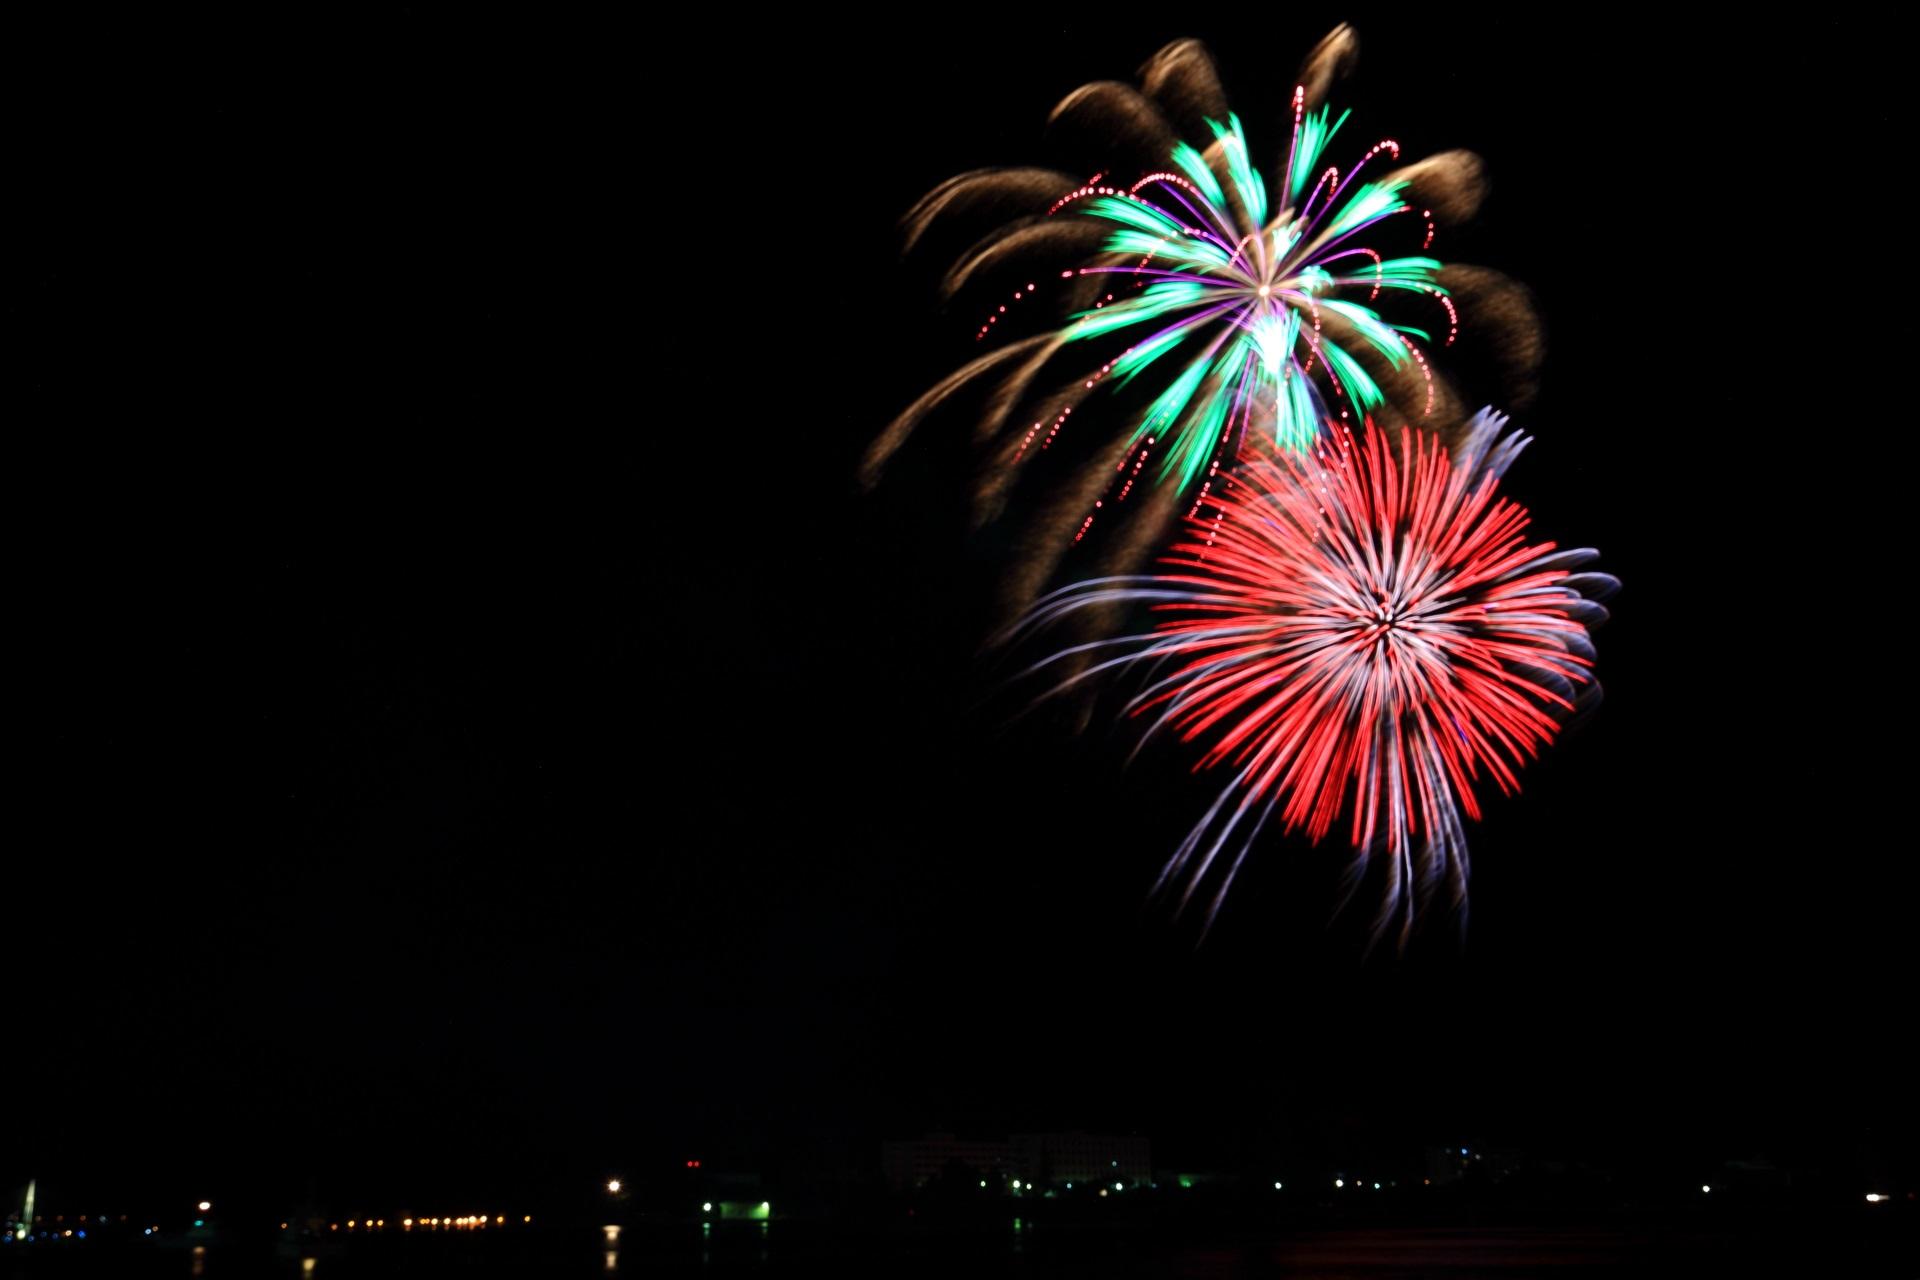 真っ暗となった夜空に打ち上がる舞鶴の色んな種類の花火